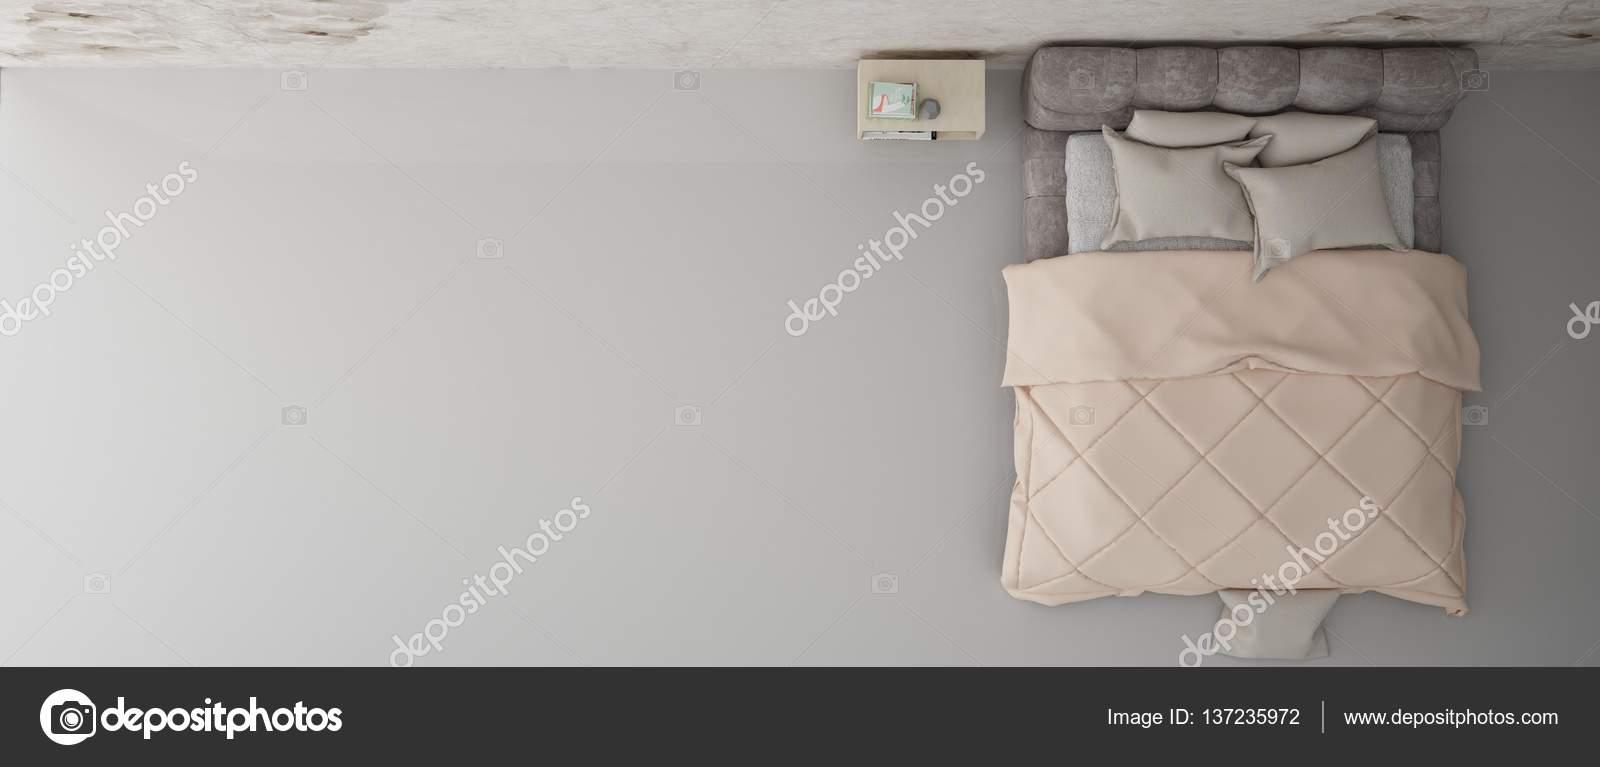 Charmant Elegantes Schlafzimmer Innenarchitektur Hintergrund Mit Kuscheligen Bett,  Tisch Und Tapete U2014 Foto Von Sangeetajais